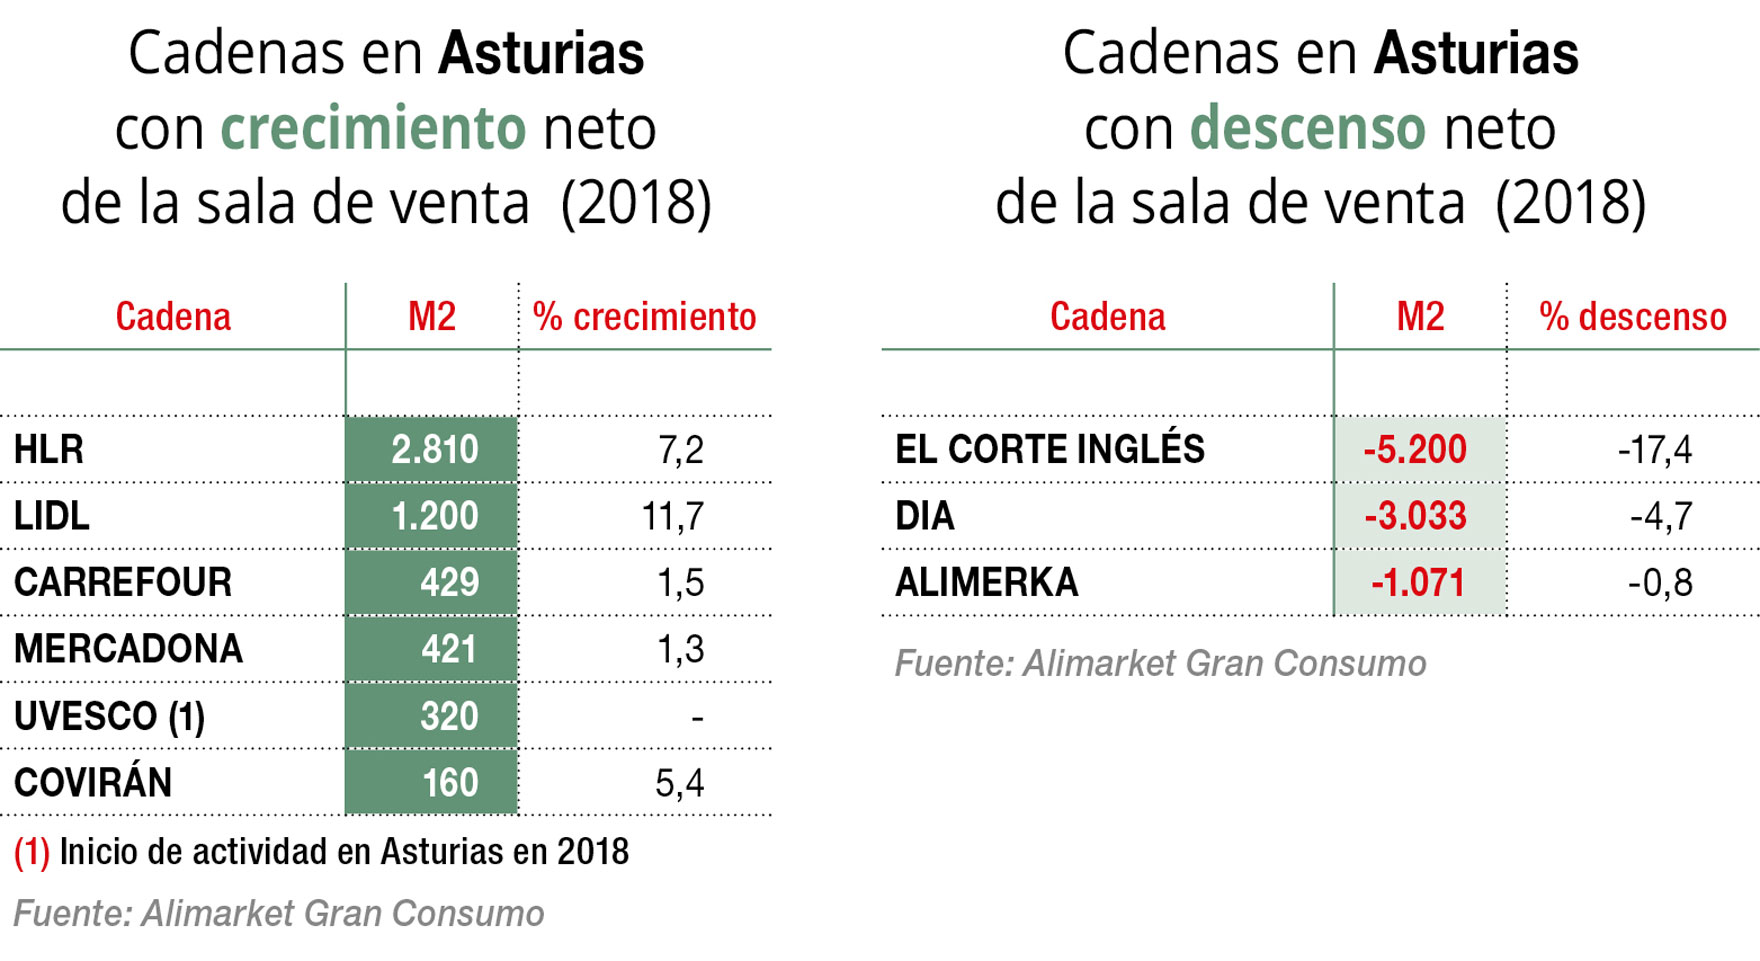 Asturias retrocede en sala de venta por tercer año consecutivo